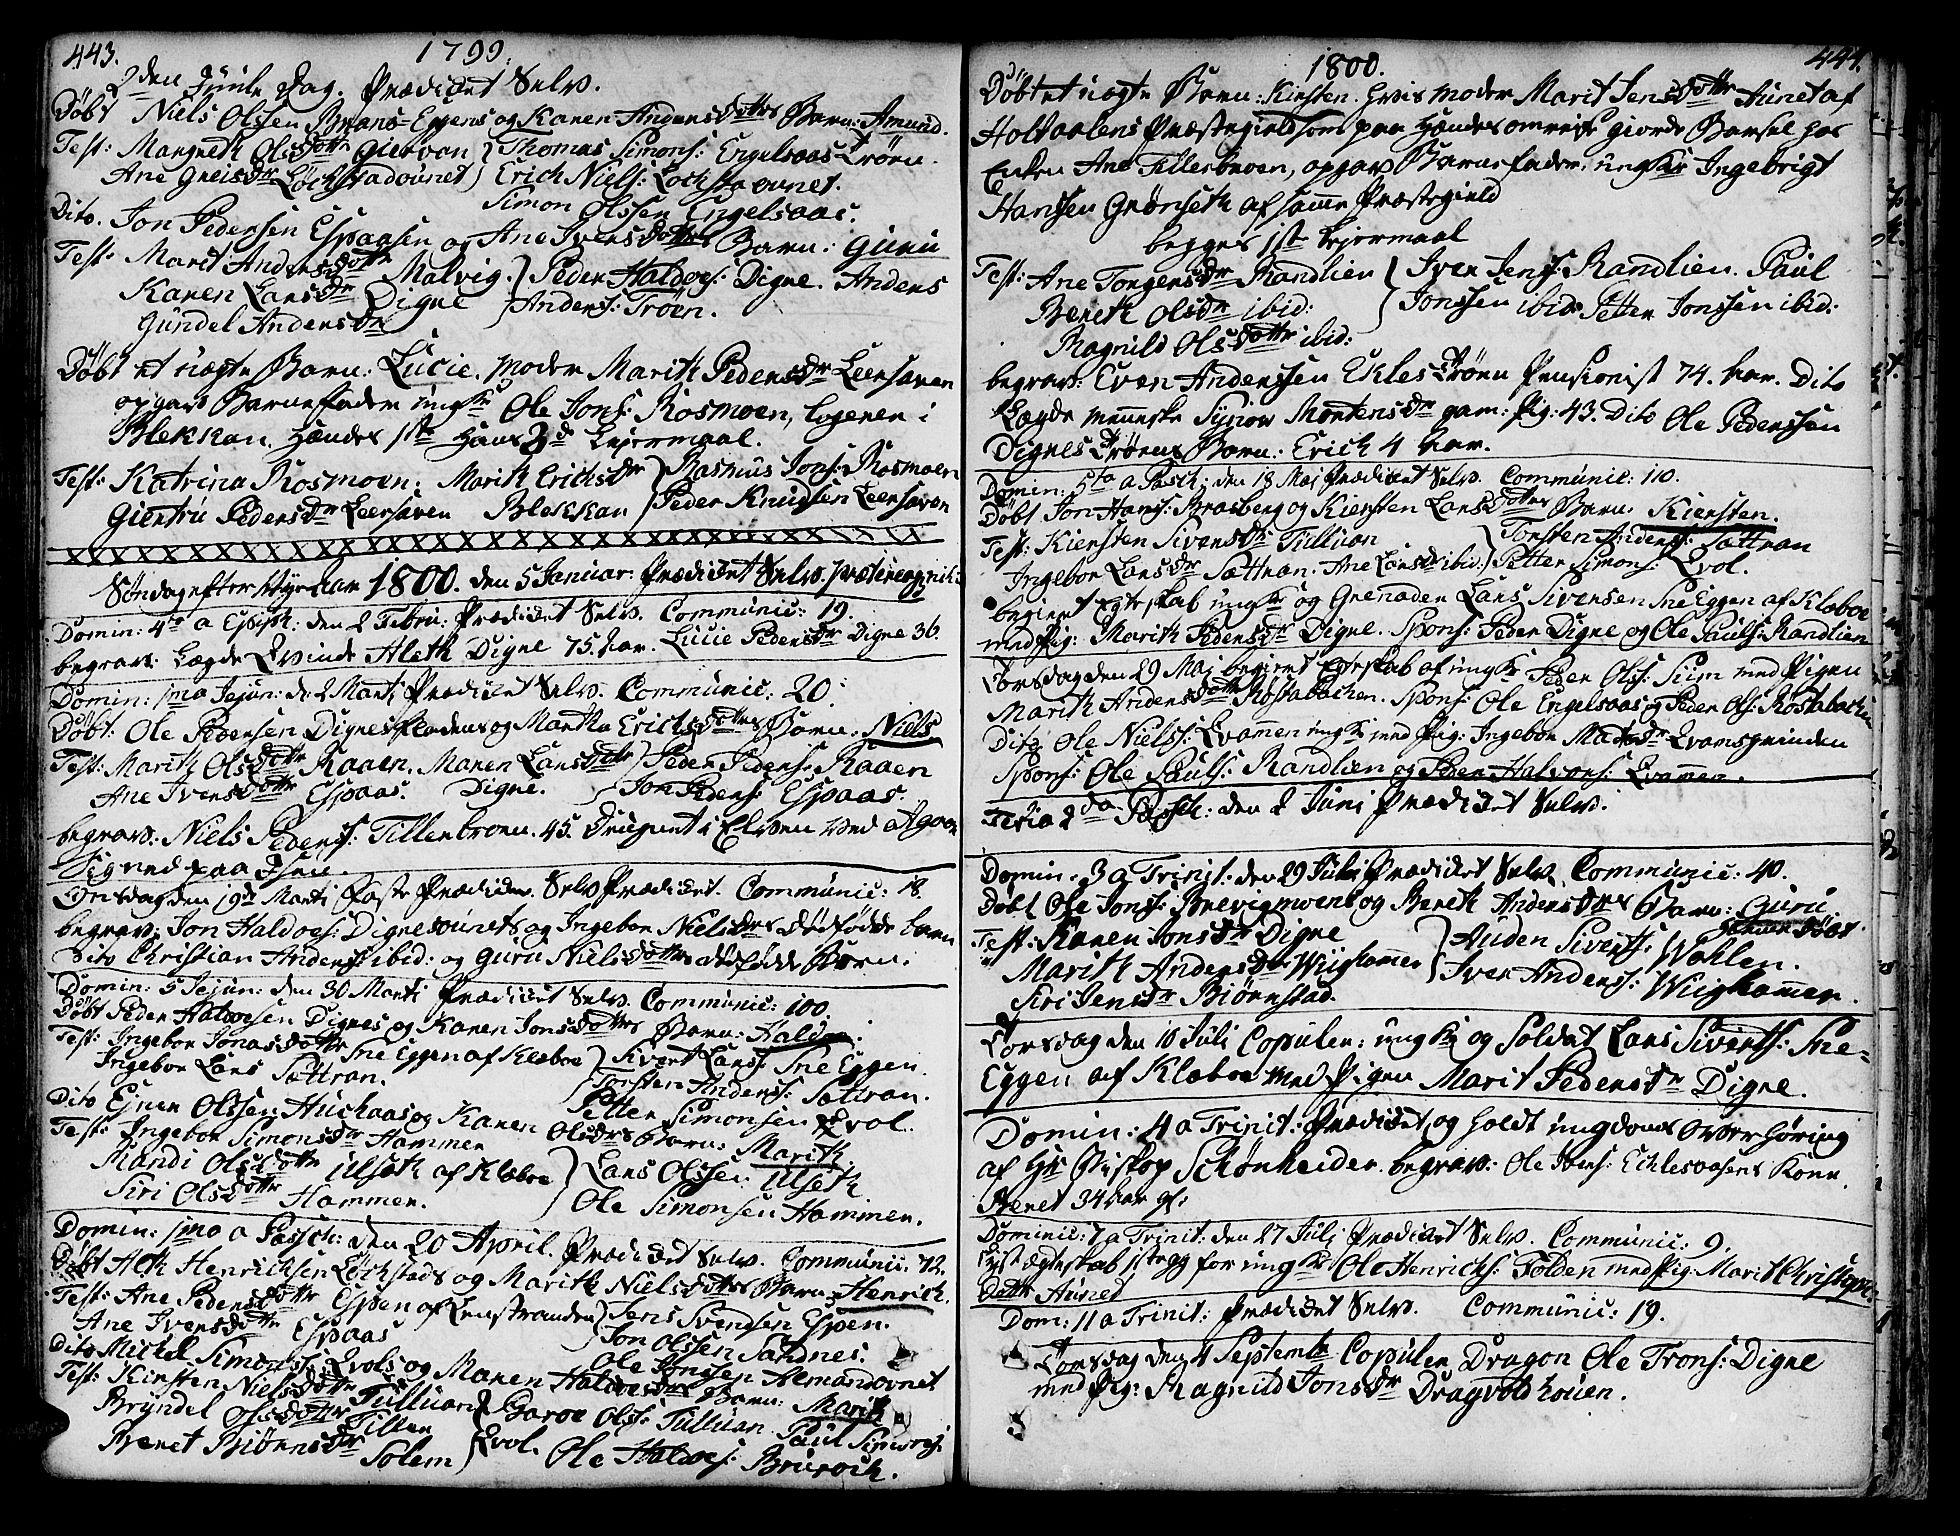 SAT, Ministerialprotokoller, klokkerbøker og fødselsregistre - Sør-Trøndelag, 606/L0282: Ministerialbok nr. 606A02 /3, 1781-1817, s. 443-444